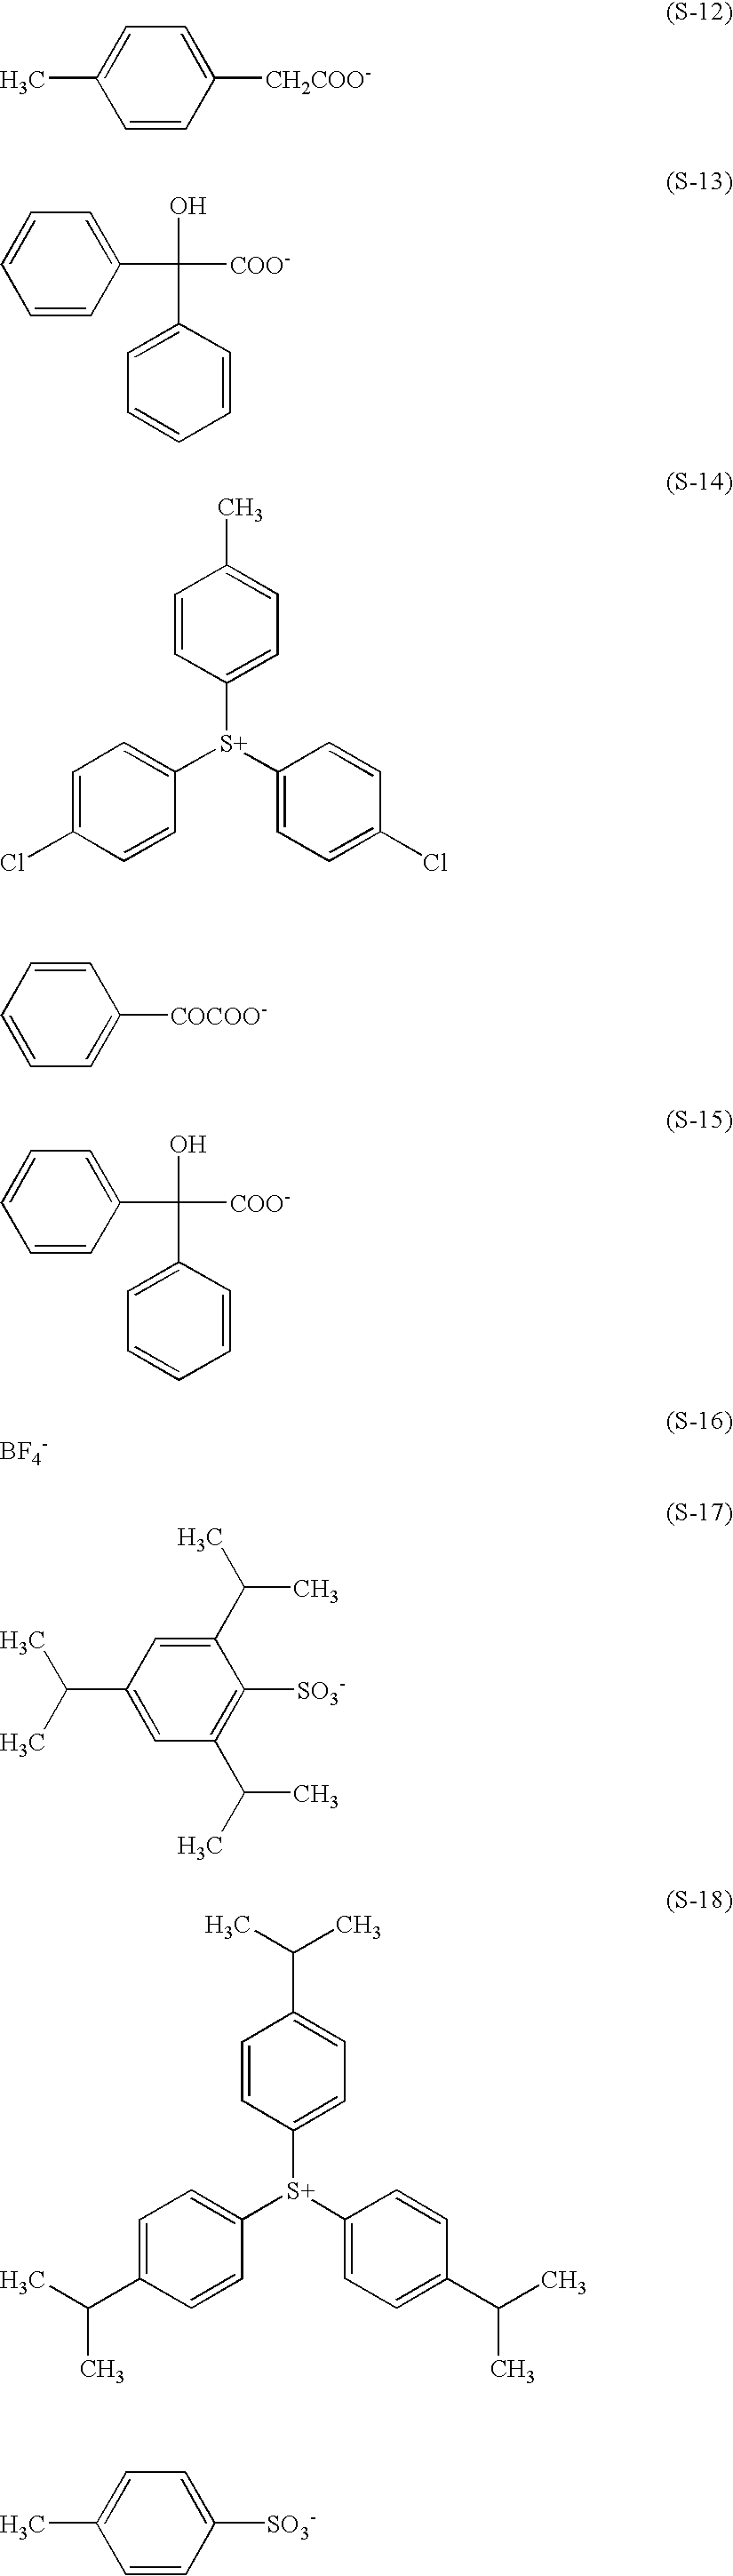 Figure US07910286-20110322-C00020